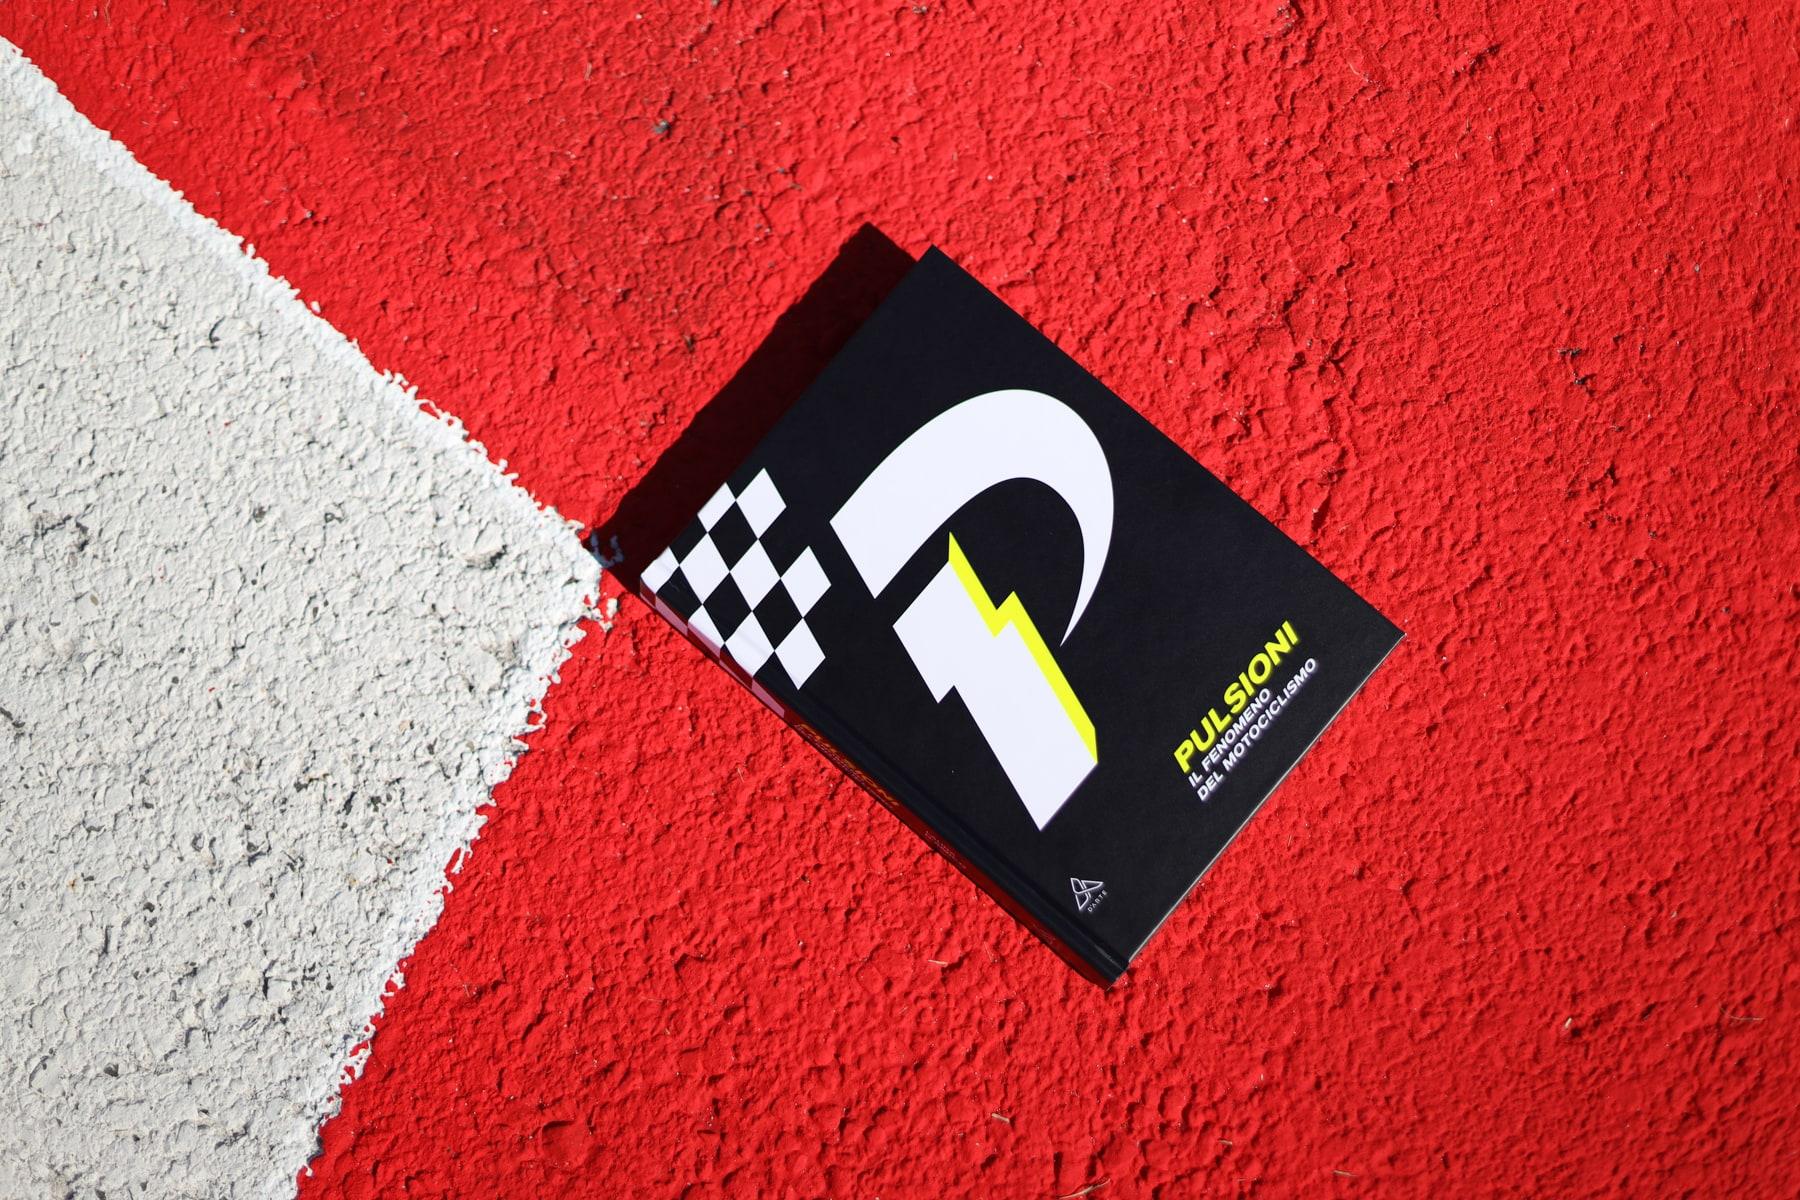 """""""Pulsioni"""": martedì 10.09 la presentazione dell'atteso libro su Romagna e motociclismo. Tra musica, arte e ospiti speciali."""